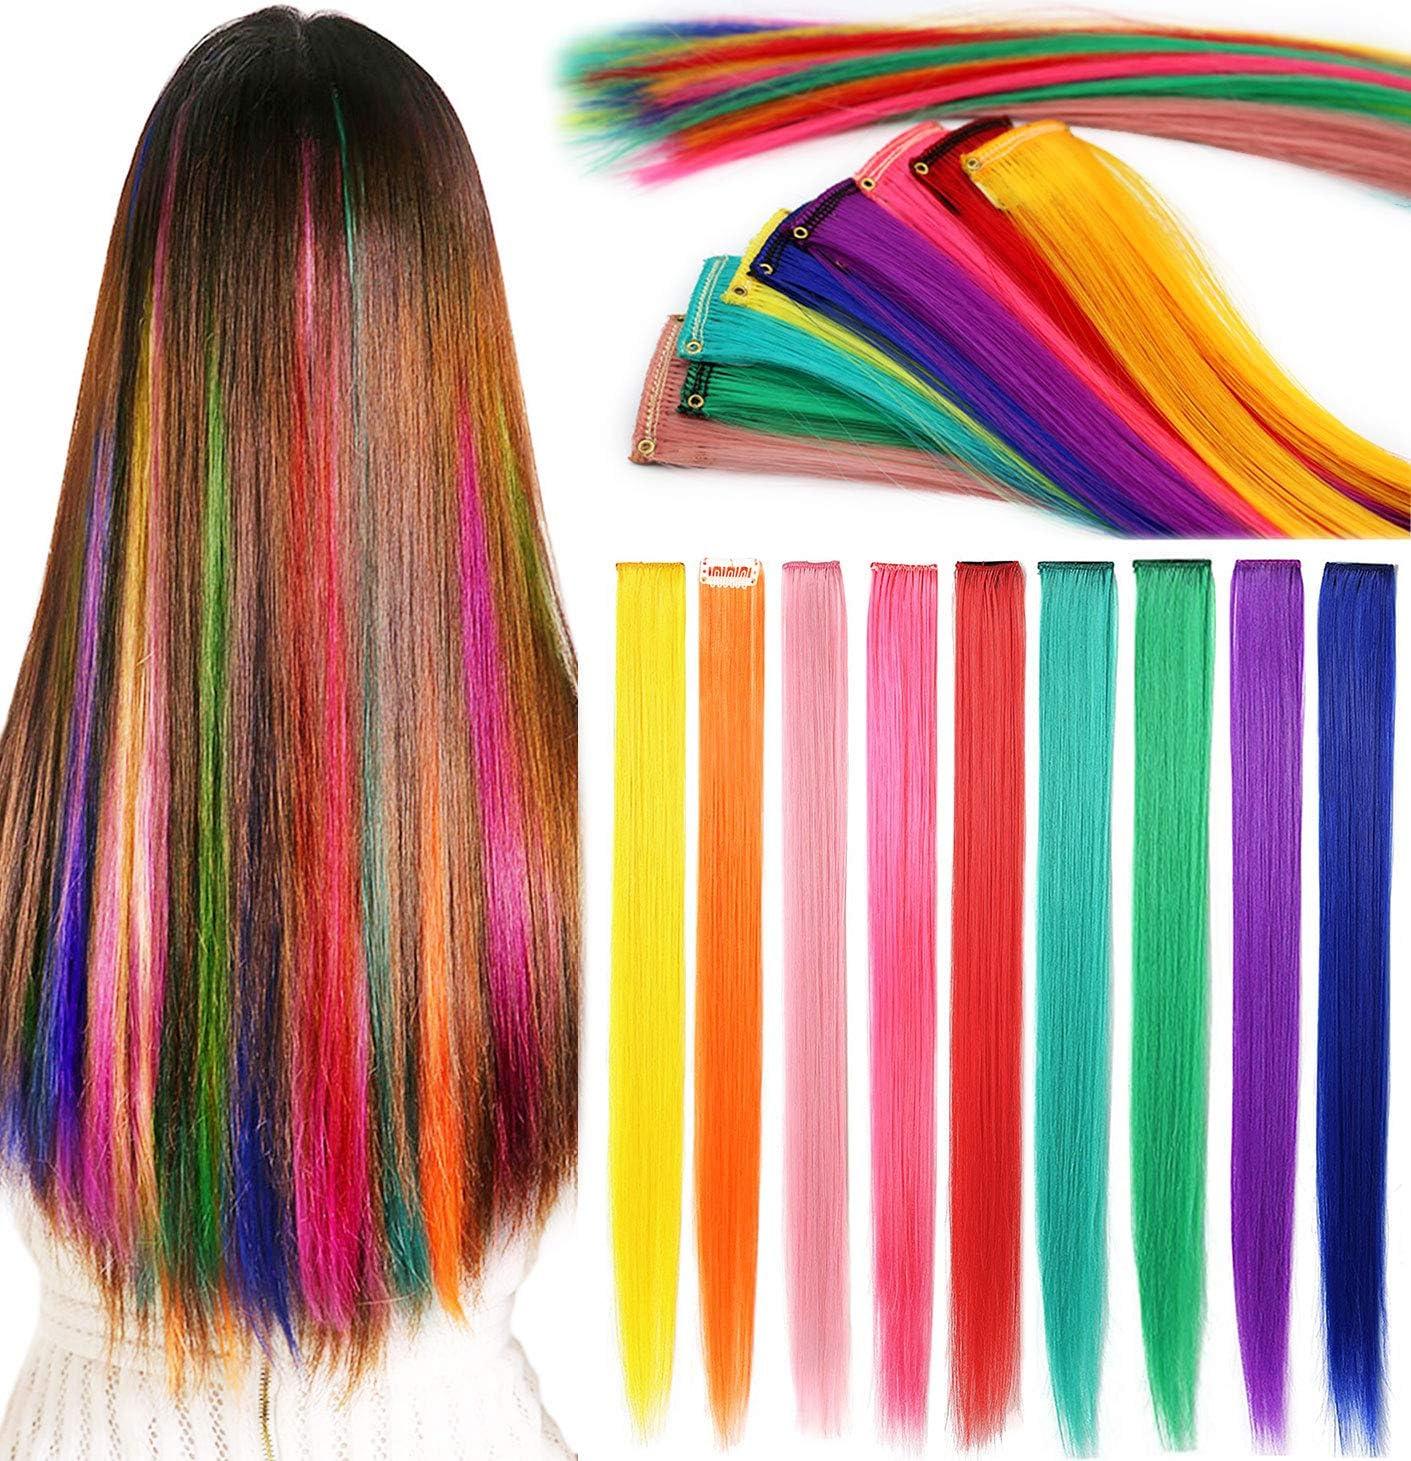 Rhyme Extensiones de Cabello Arco Iris Clip de Extensiones de Cabello de Color para niñas Muñecas Accesorios para el Cabello Wig Pieces For Kids 9 ...